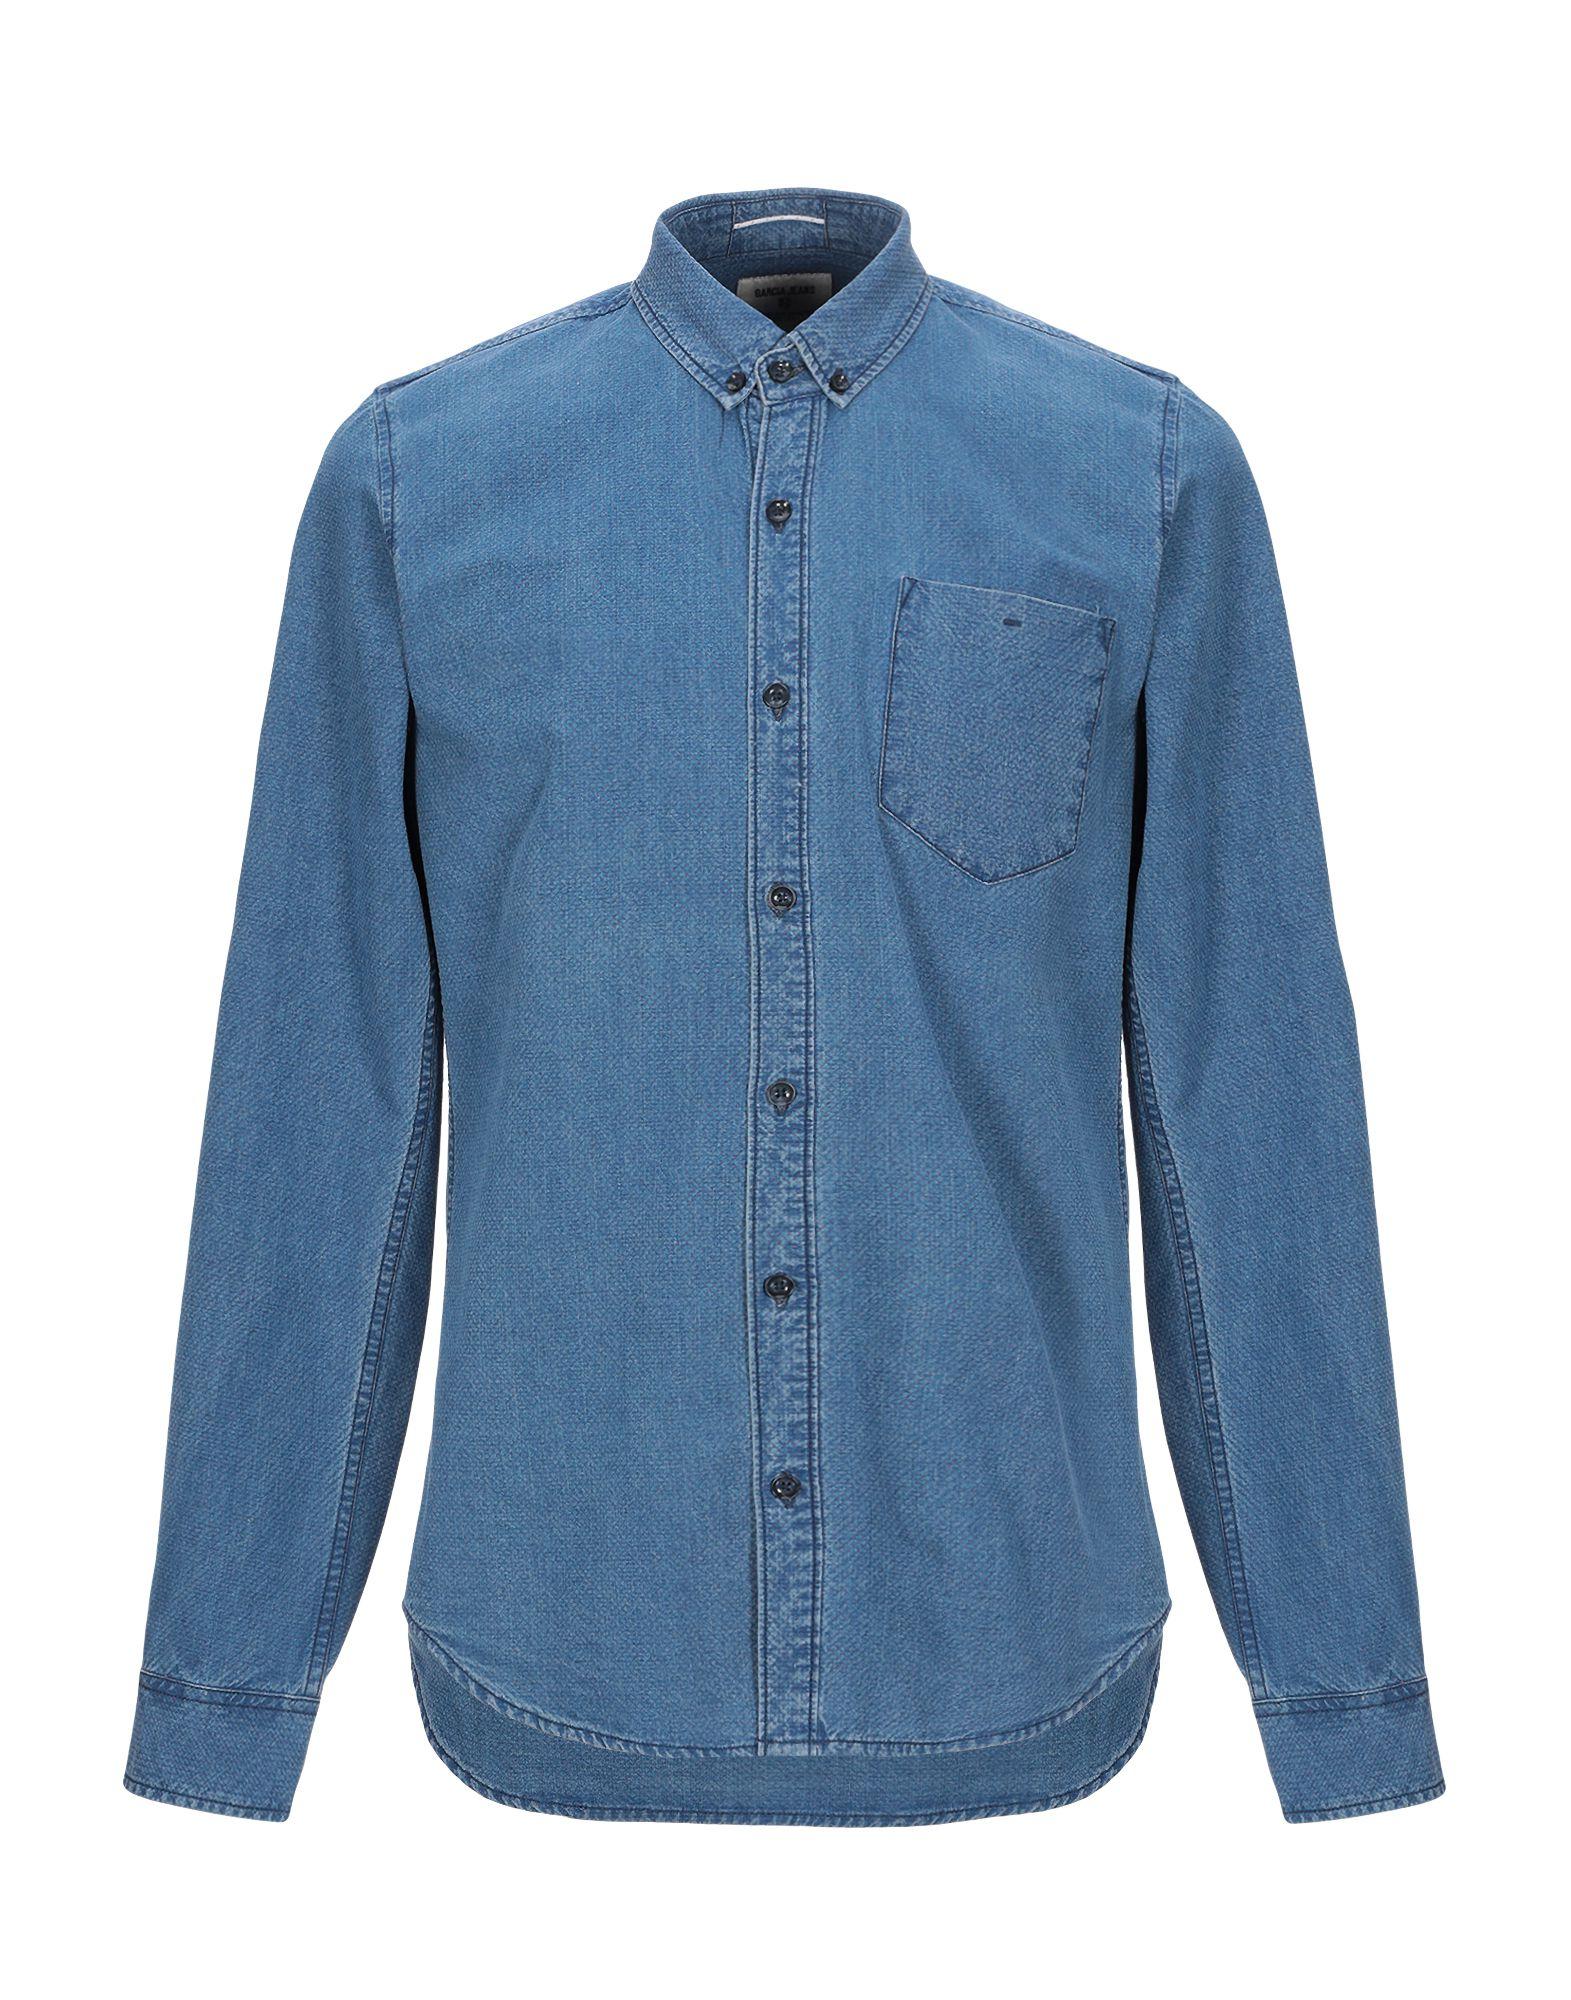 GARCIA JEANS Джинсовая рубашка garcia jeans джинсовая рубашка